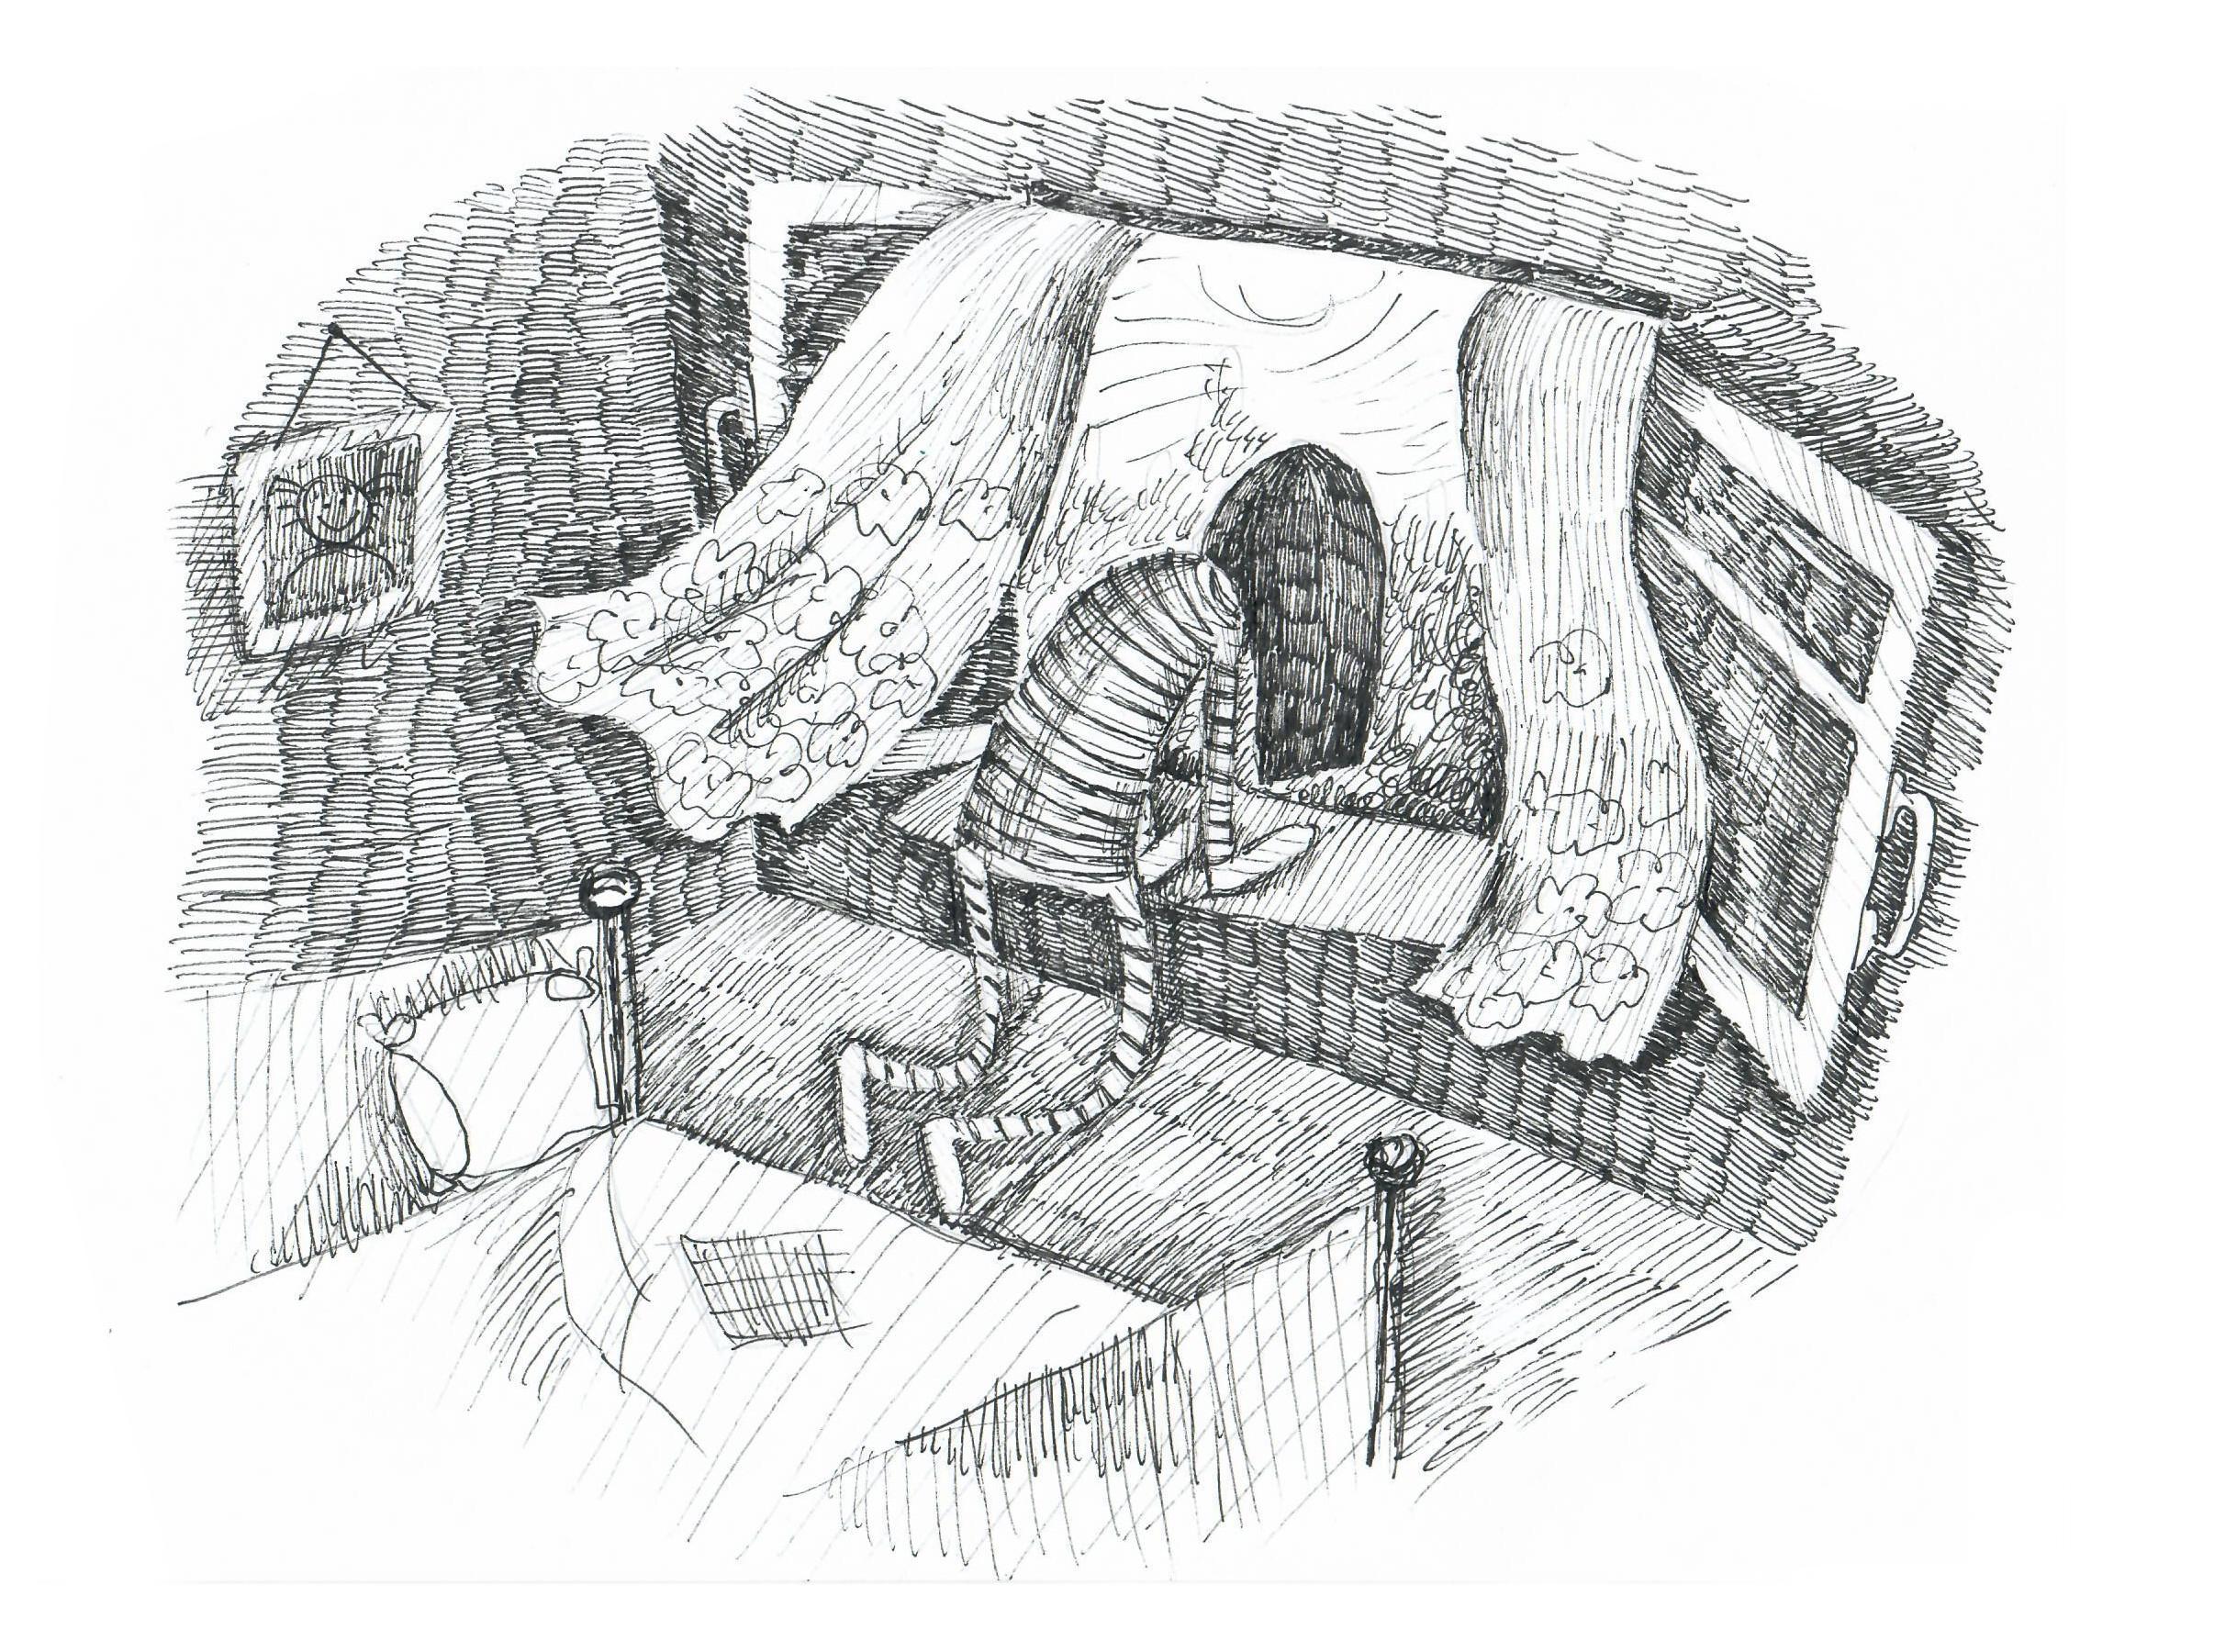 Открывая окна настежь, Екатерина пыталась справиться сощущением нехватки воздуха, субъективным, но оттого неменее мучительным.